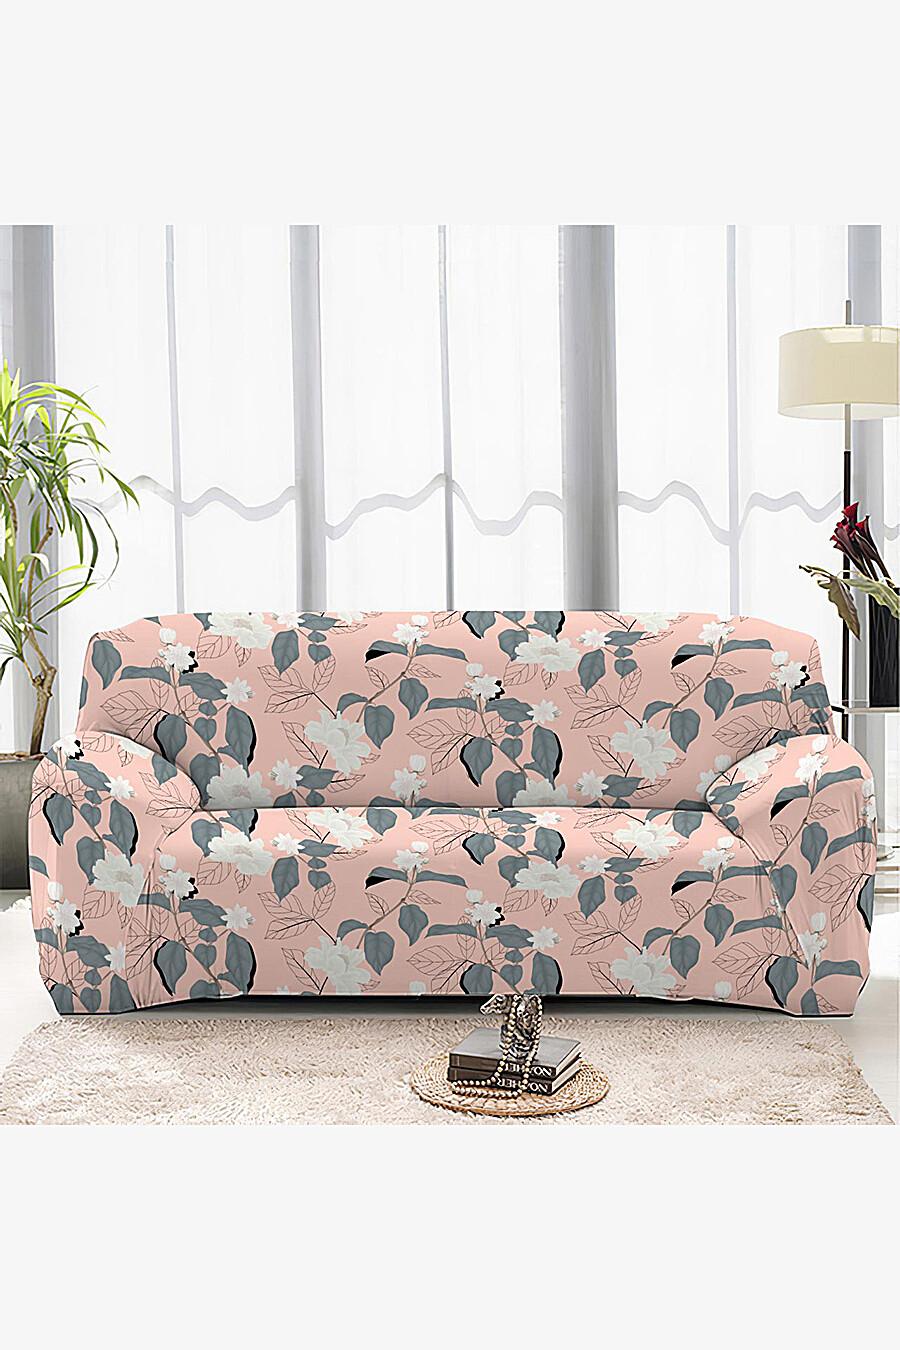 Чехол на диван для дома ART HOME TEXTILE 162772 купить оптом от производителя. Совместная покупка товаров для дома в OptMoyo